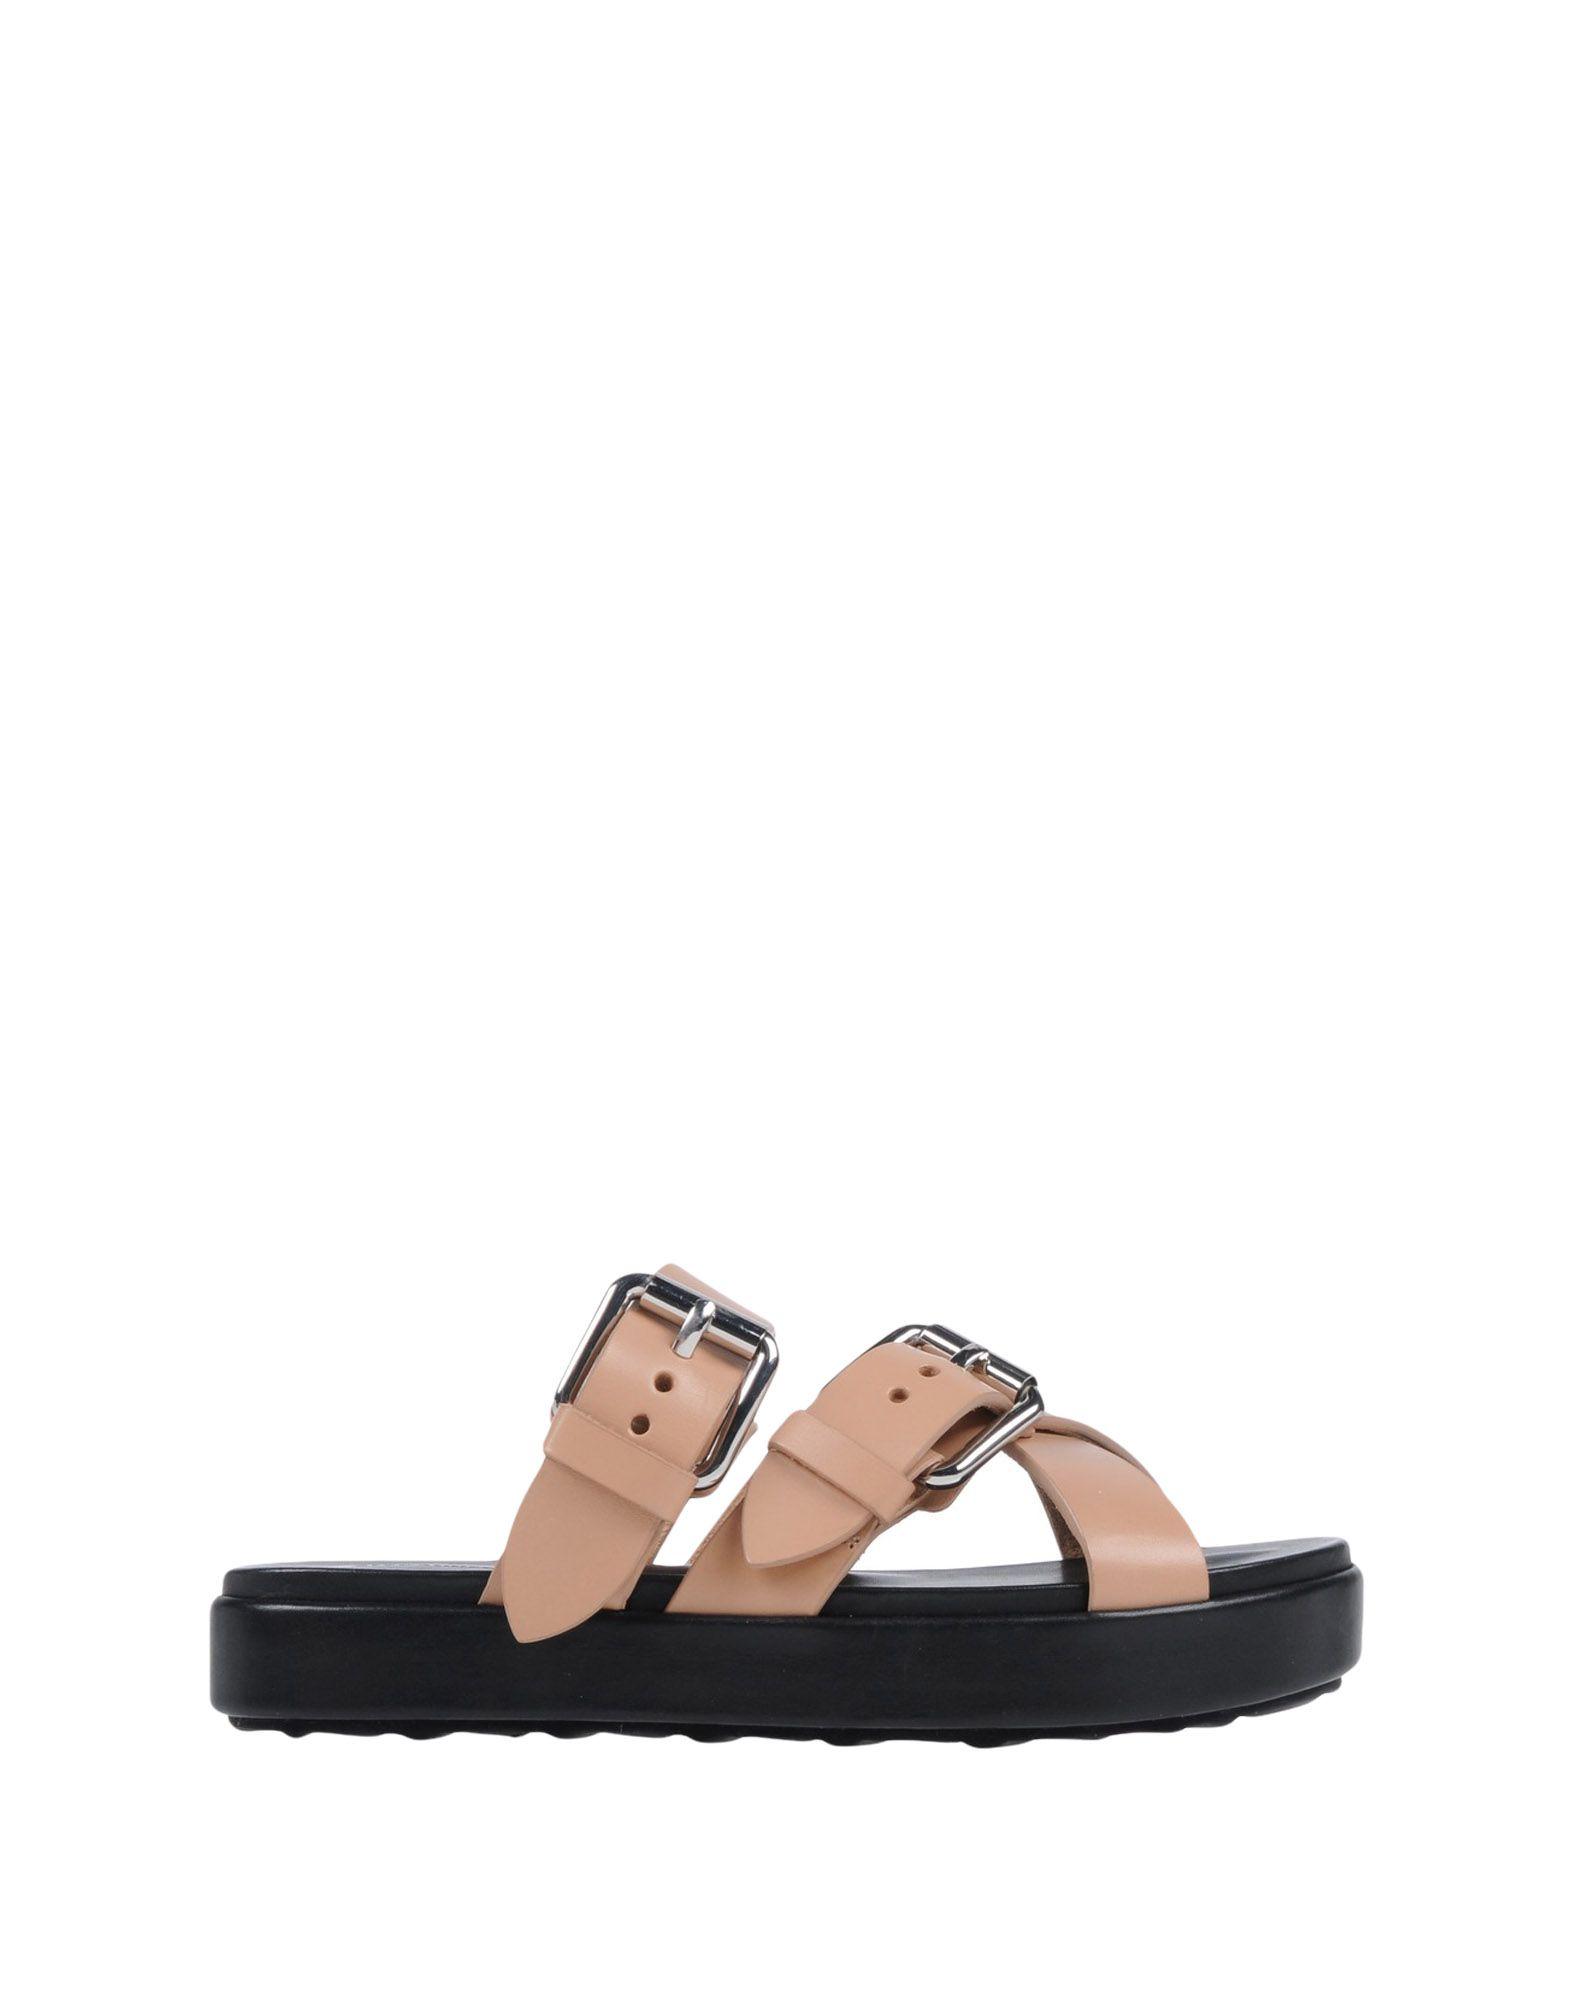 Alexander Wang Sandalen Damen 11444114PKGünstige Schuhe gut aussehende Schuhe 11444114PKGünstige c9642e